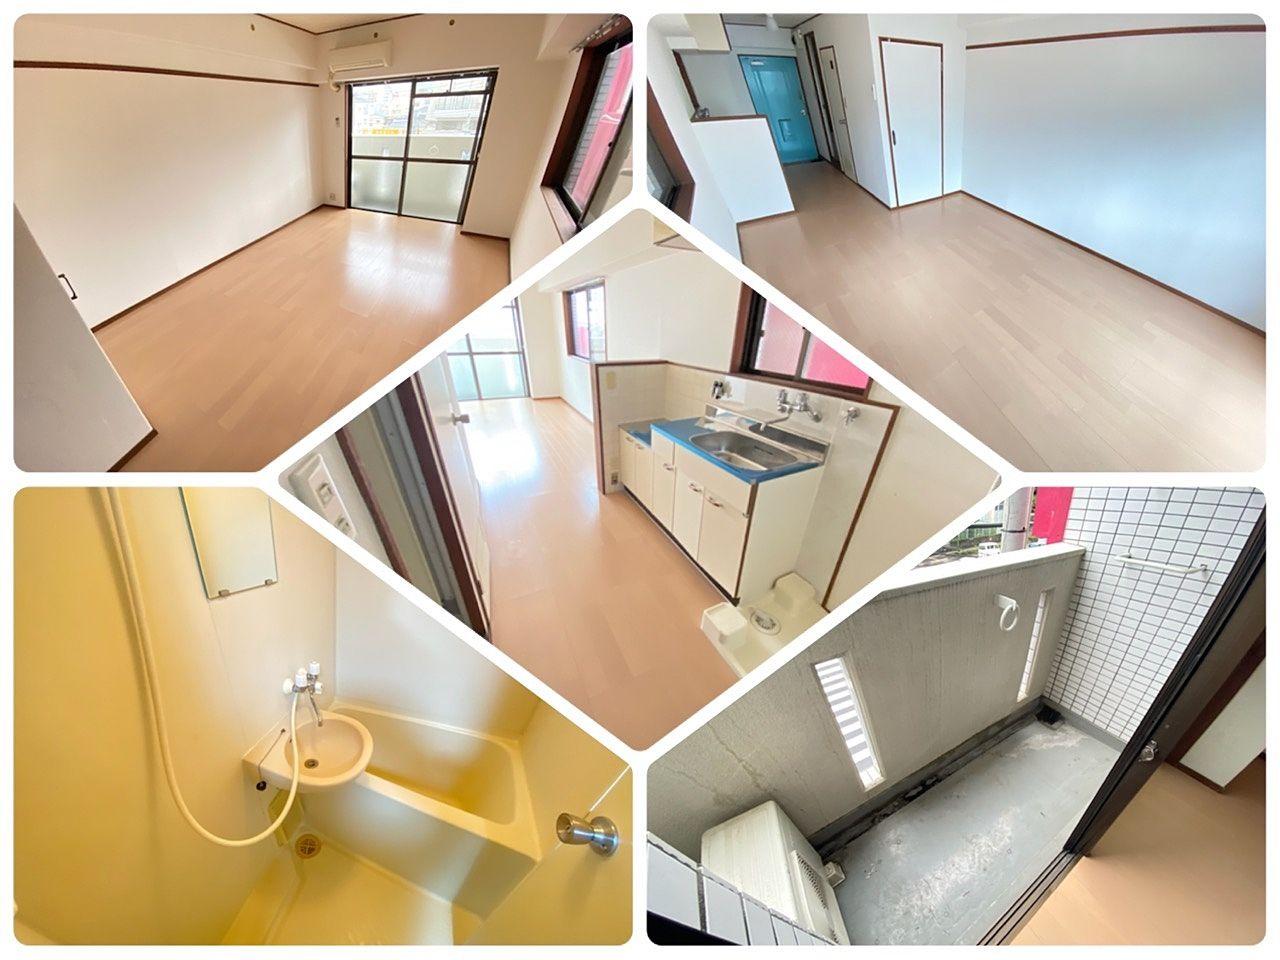 鹿児島市障がい者グループホーム桜上荒田1号館は鹿児島市上荒田町にある障害者グループホームです。